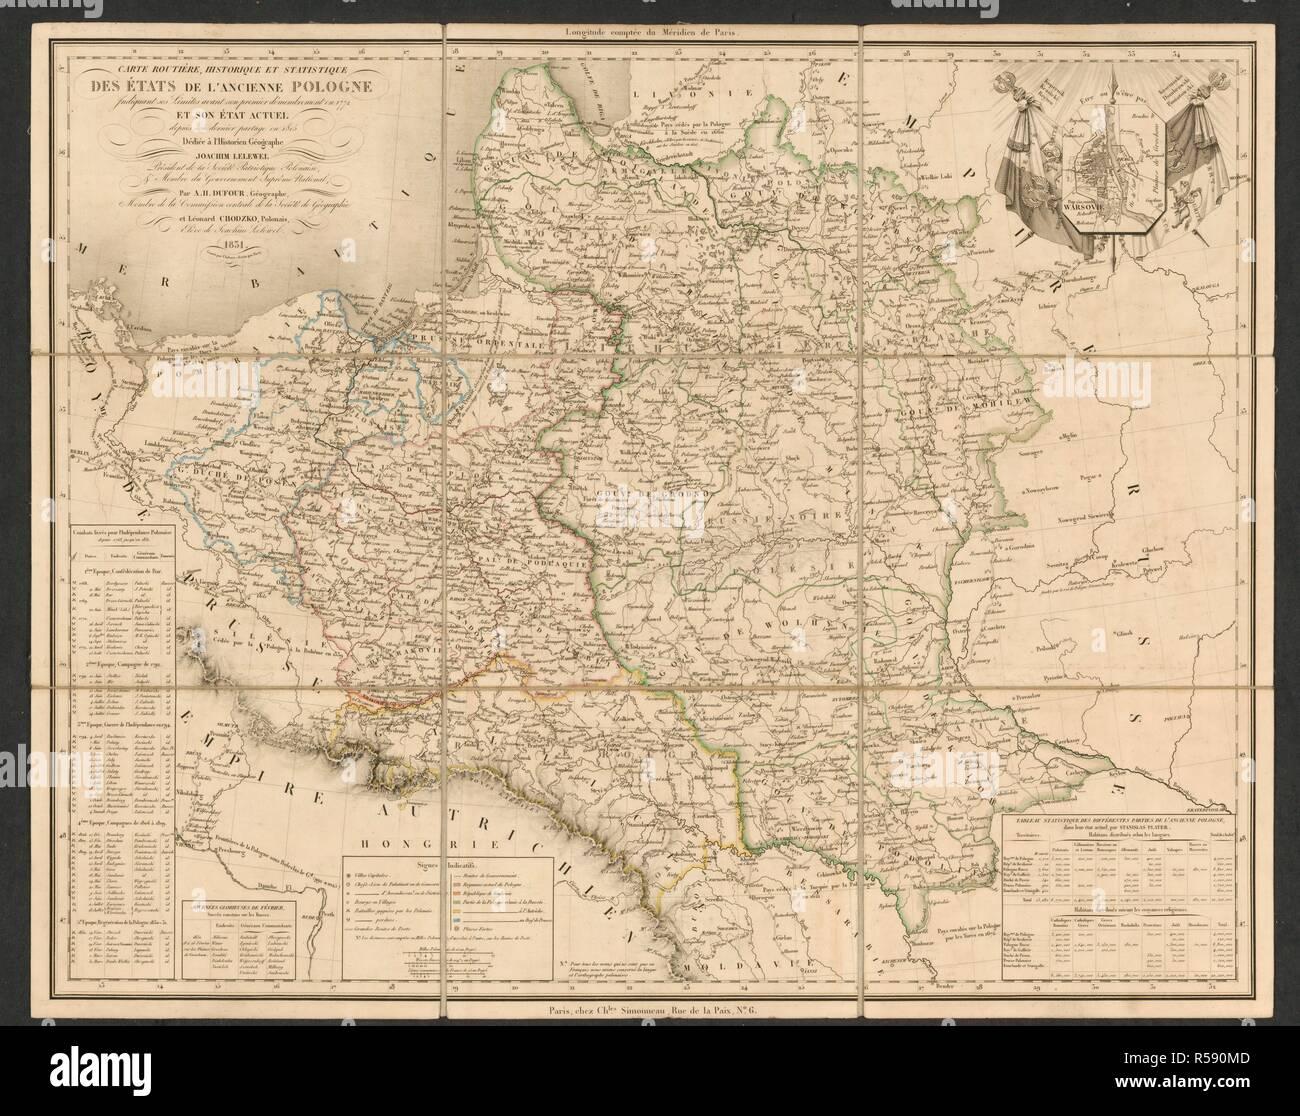 Poland. Carte routière, historique et statistique des État. Paris, 1831. Source: Maps.C.44.b.52,. Language: French. - Stock Image